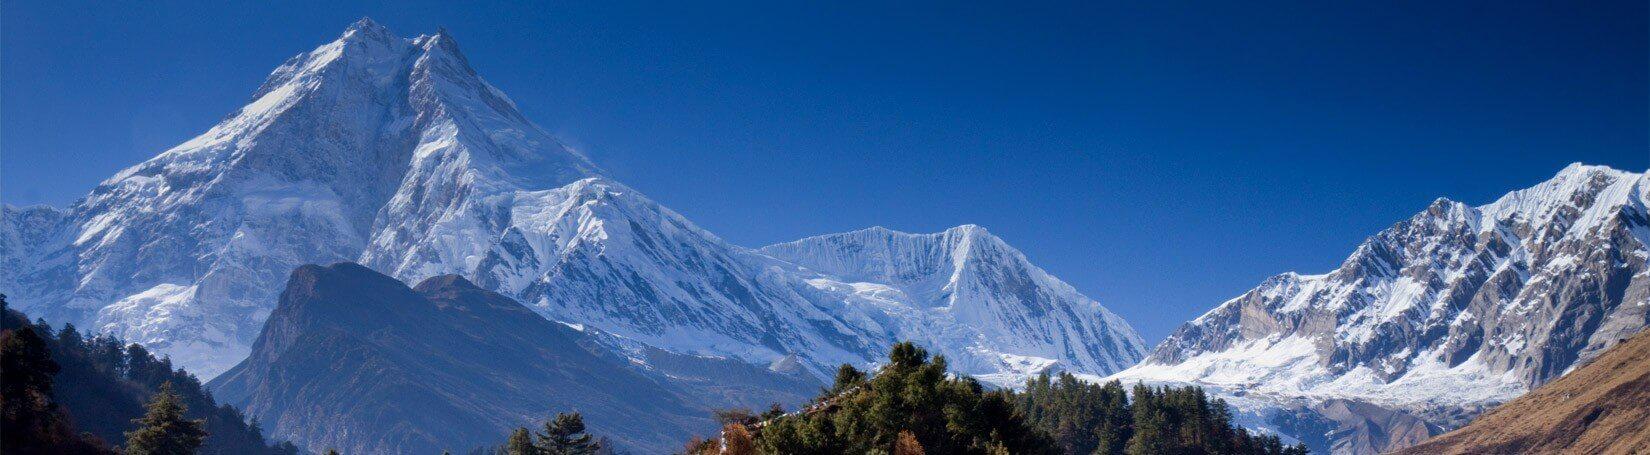 Mount Manasalu